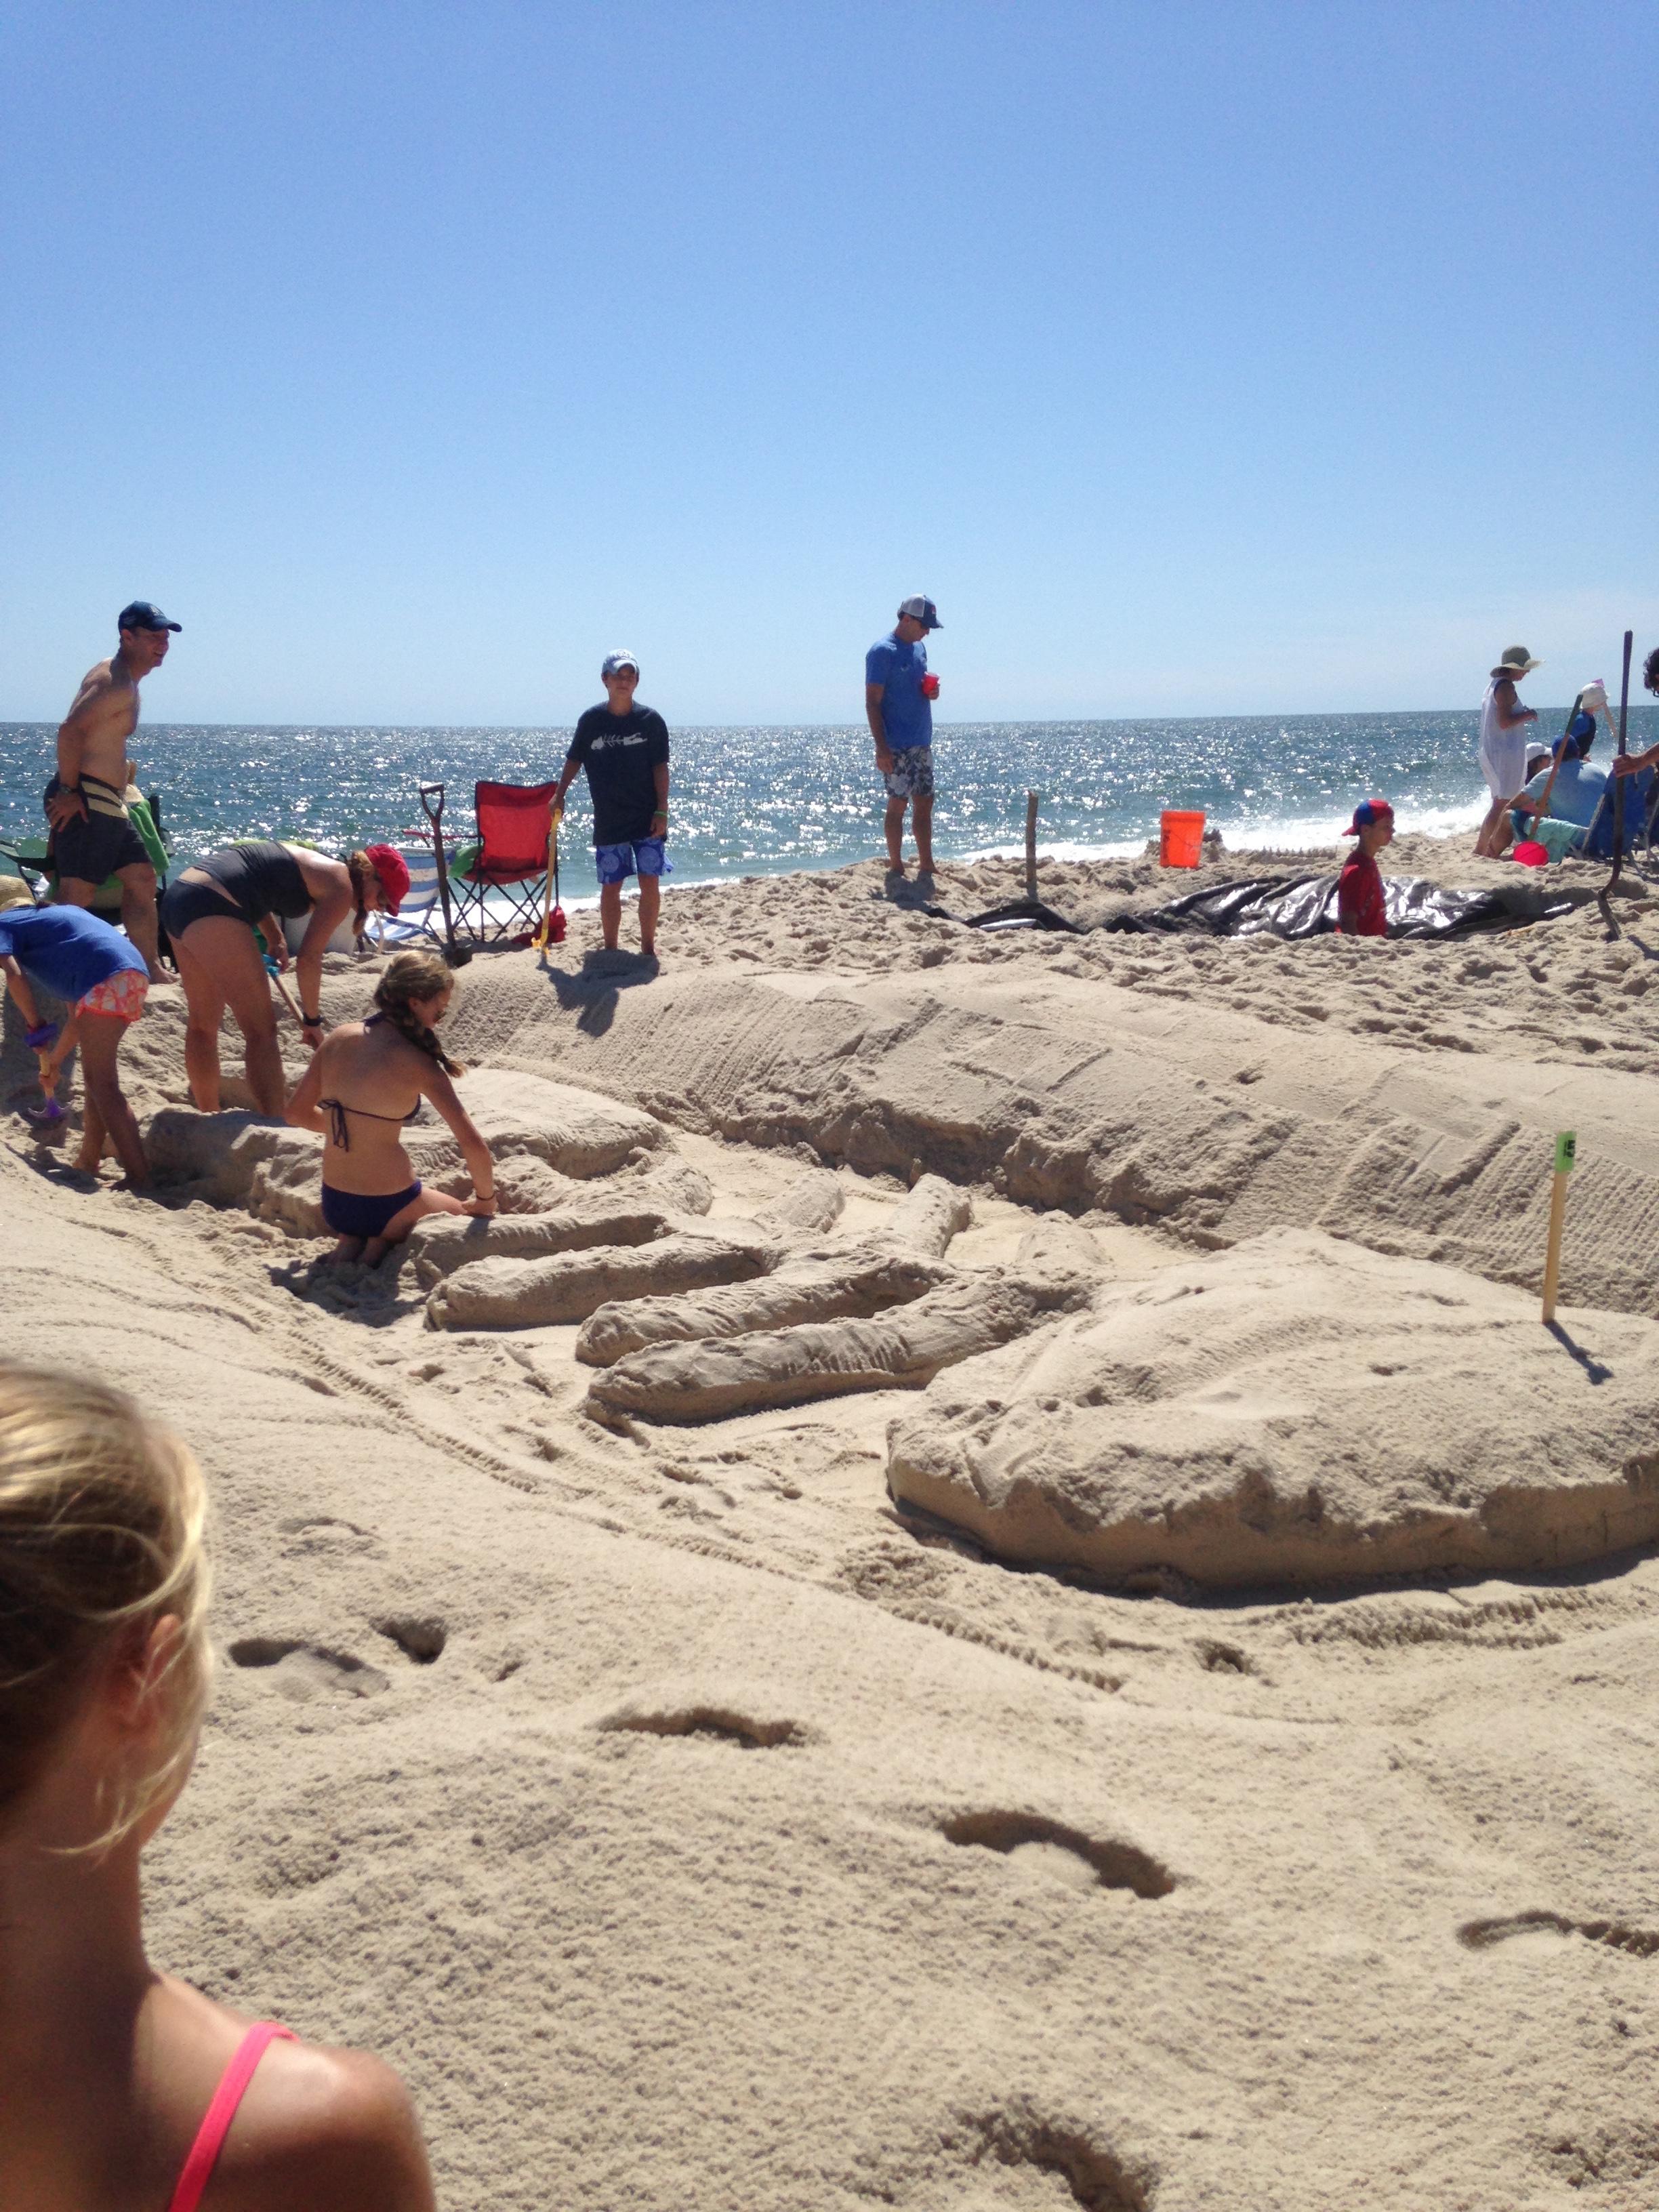 sandcastles 2.jpg